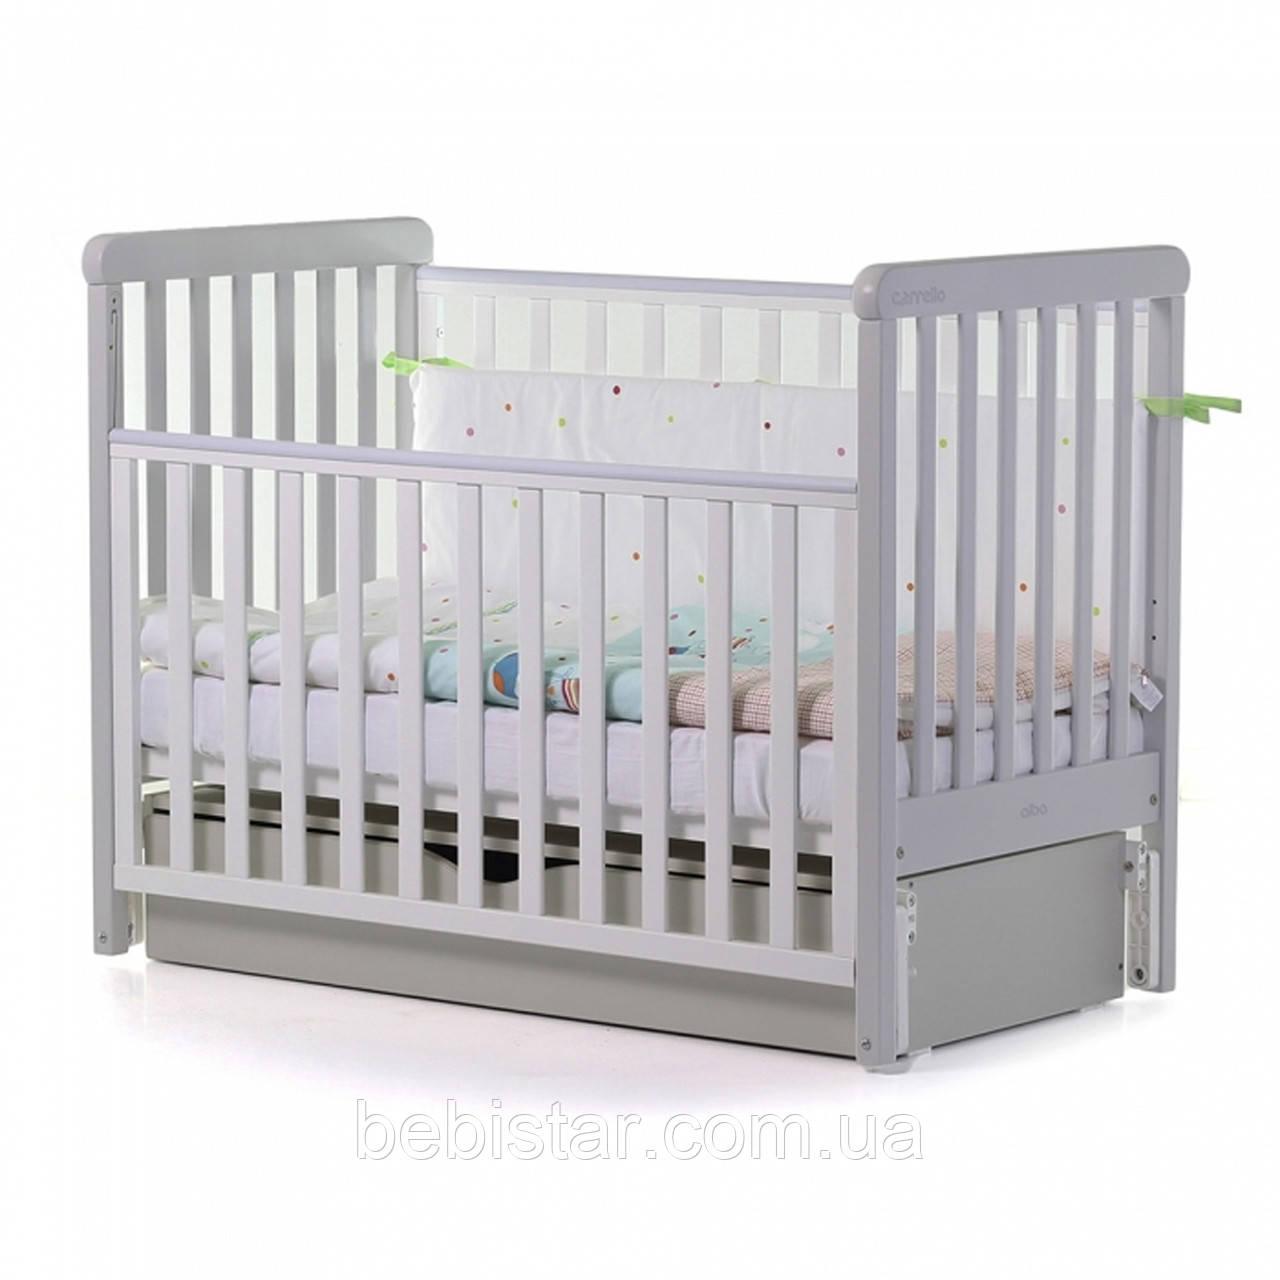 Детская кровать маятник с ящиком белая с серым от рождения до 3 лет Carrello Alba White